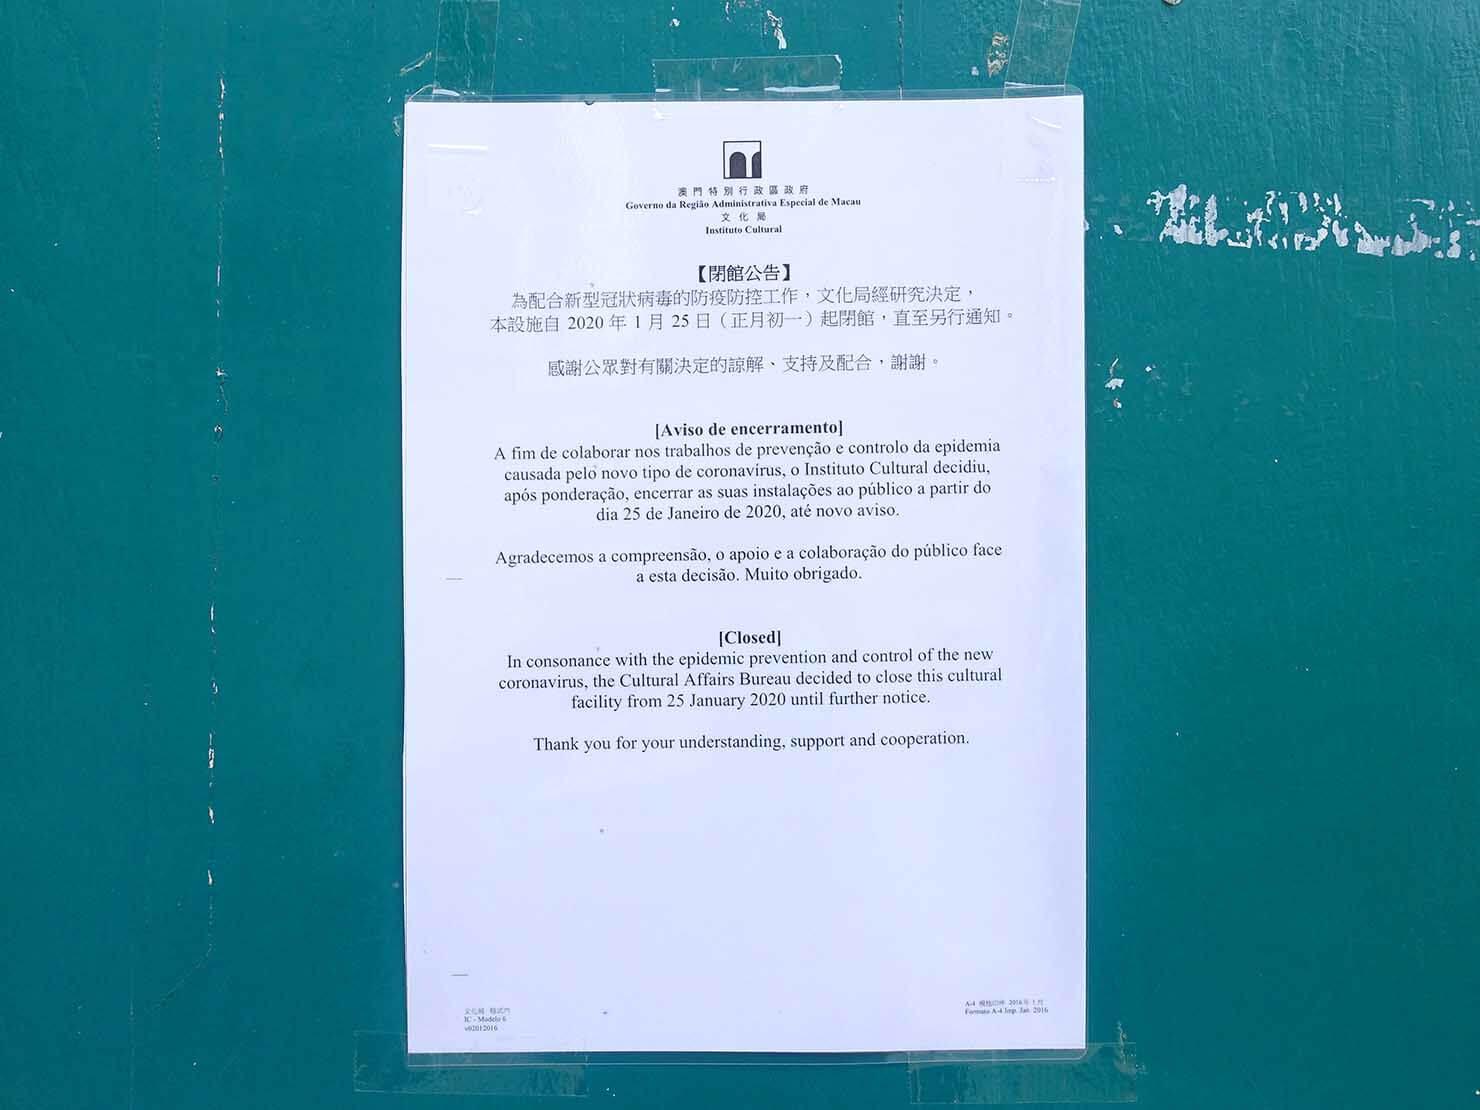 マカオの世界遺産エントランスに貼られたコロナウイルスに伴う閉鎖通知